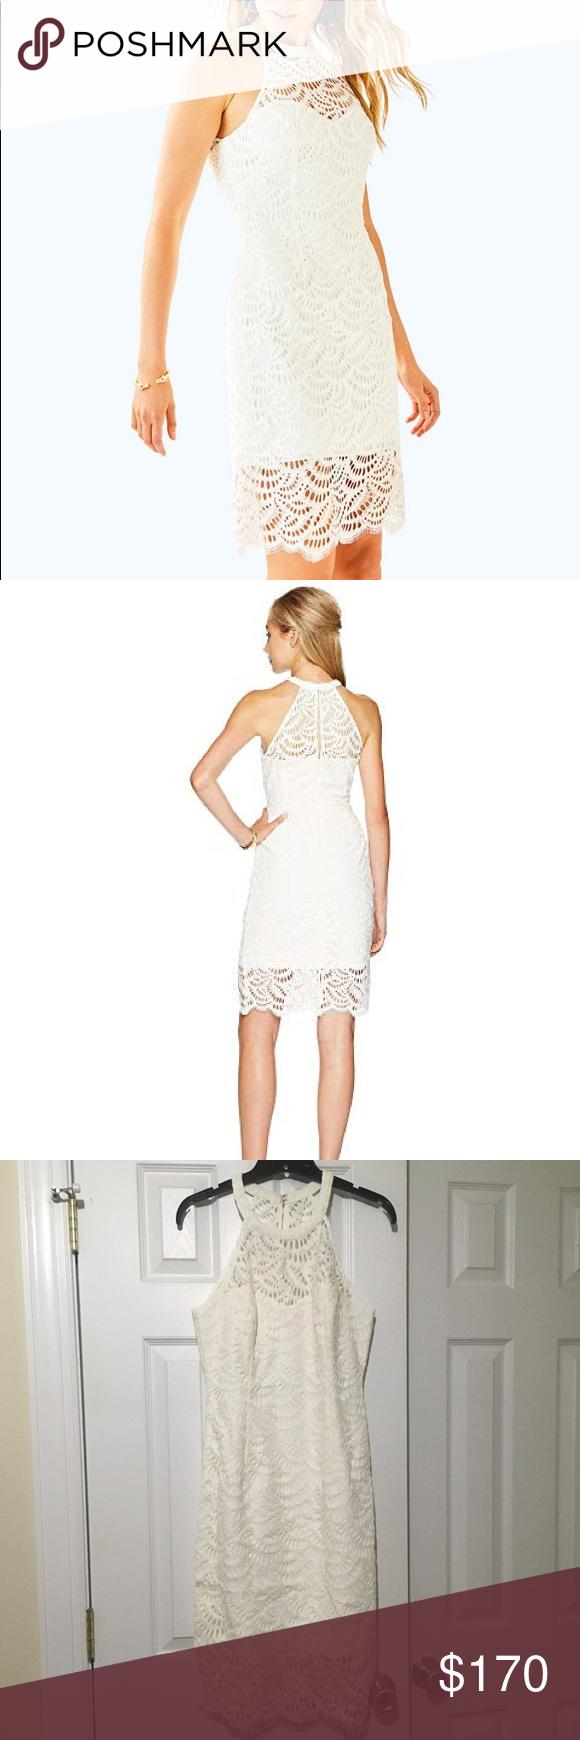 New Lilly Pulitzer Kenna White Lace Dress Beautiful Brand